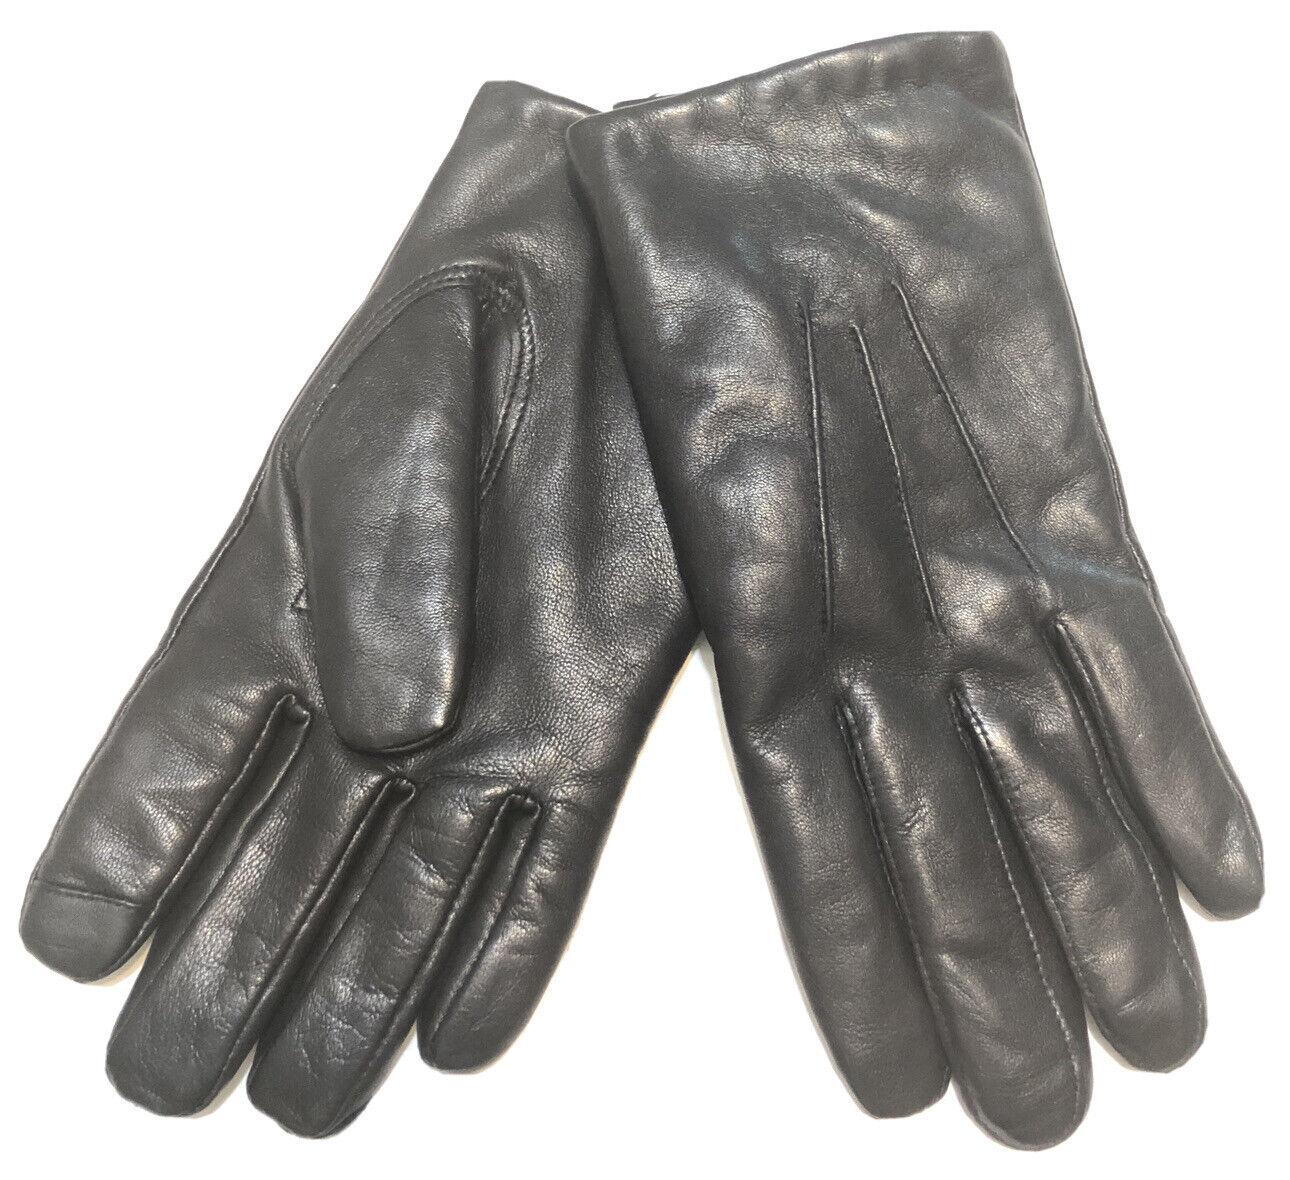 Nordstrom Men's Shop Fleece Lined Leather Gloves Black S/M NWT MSRP